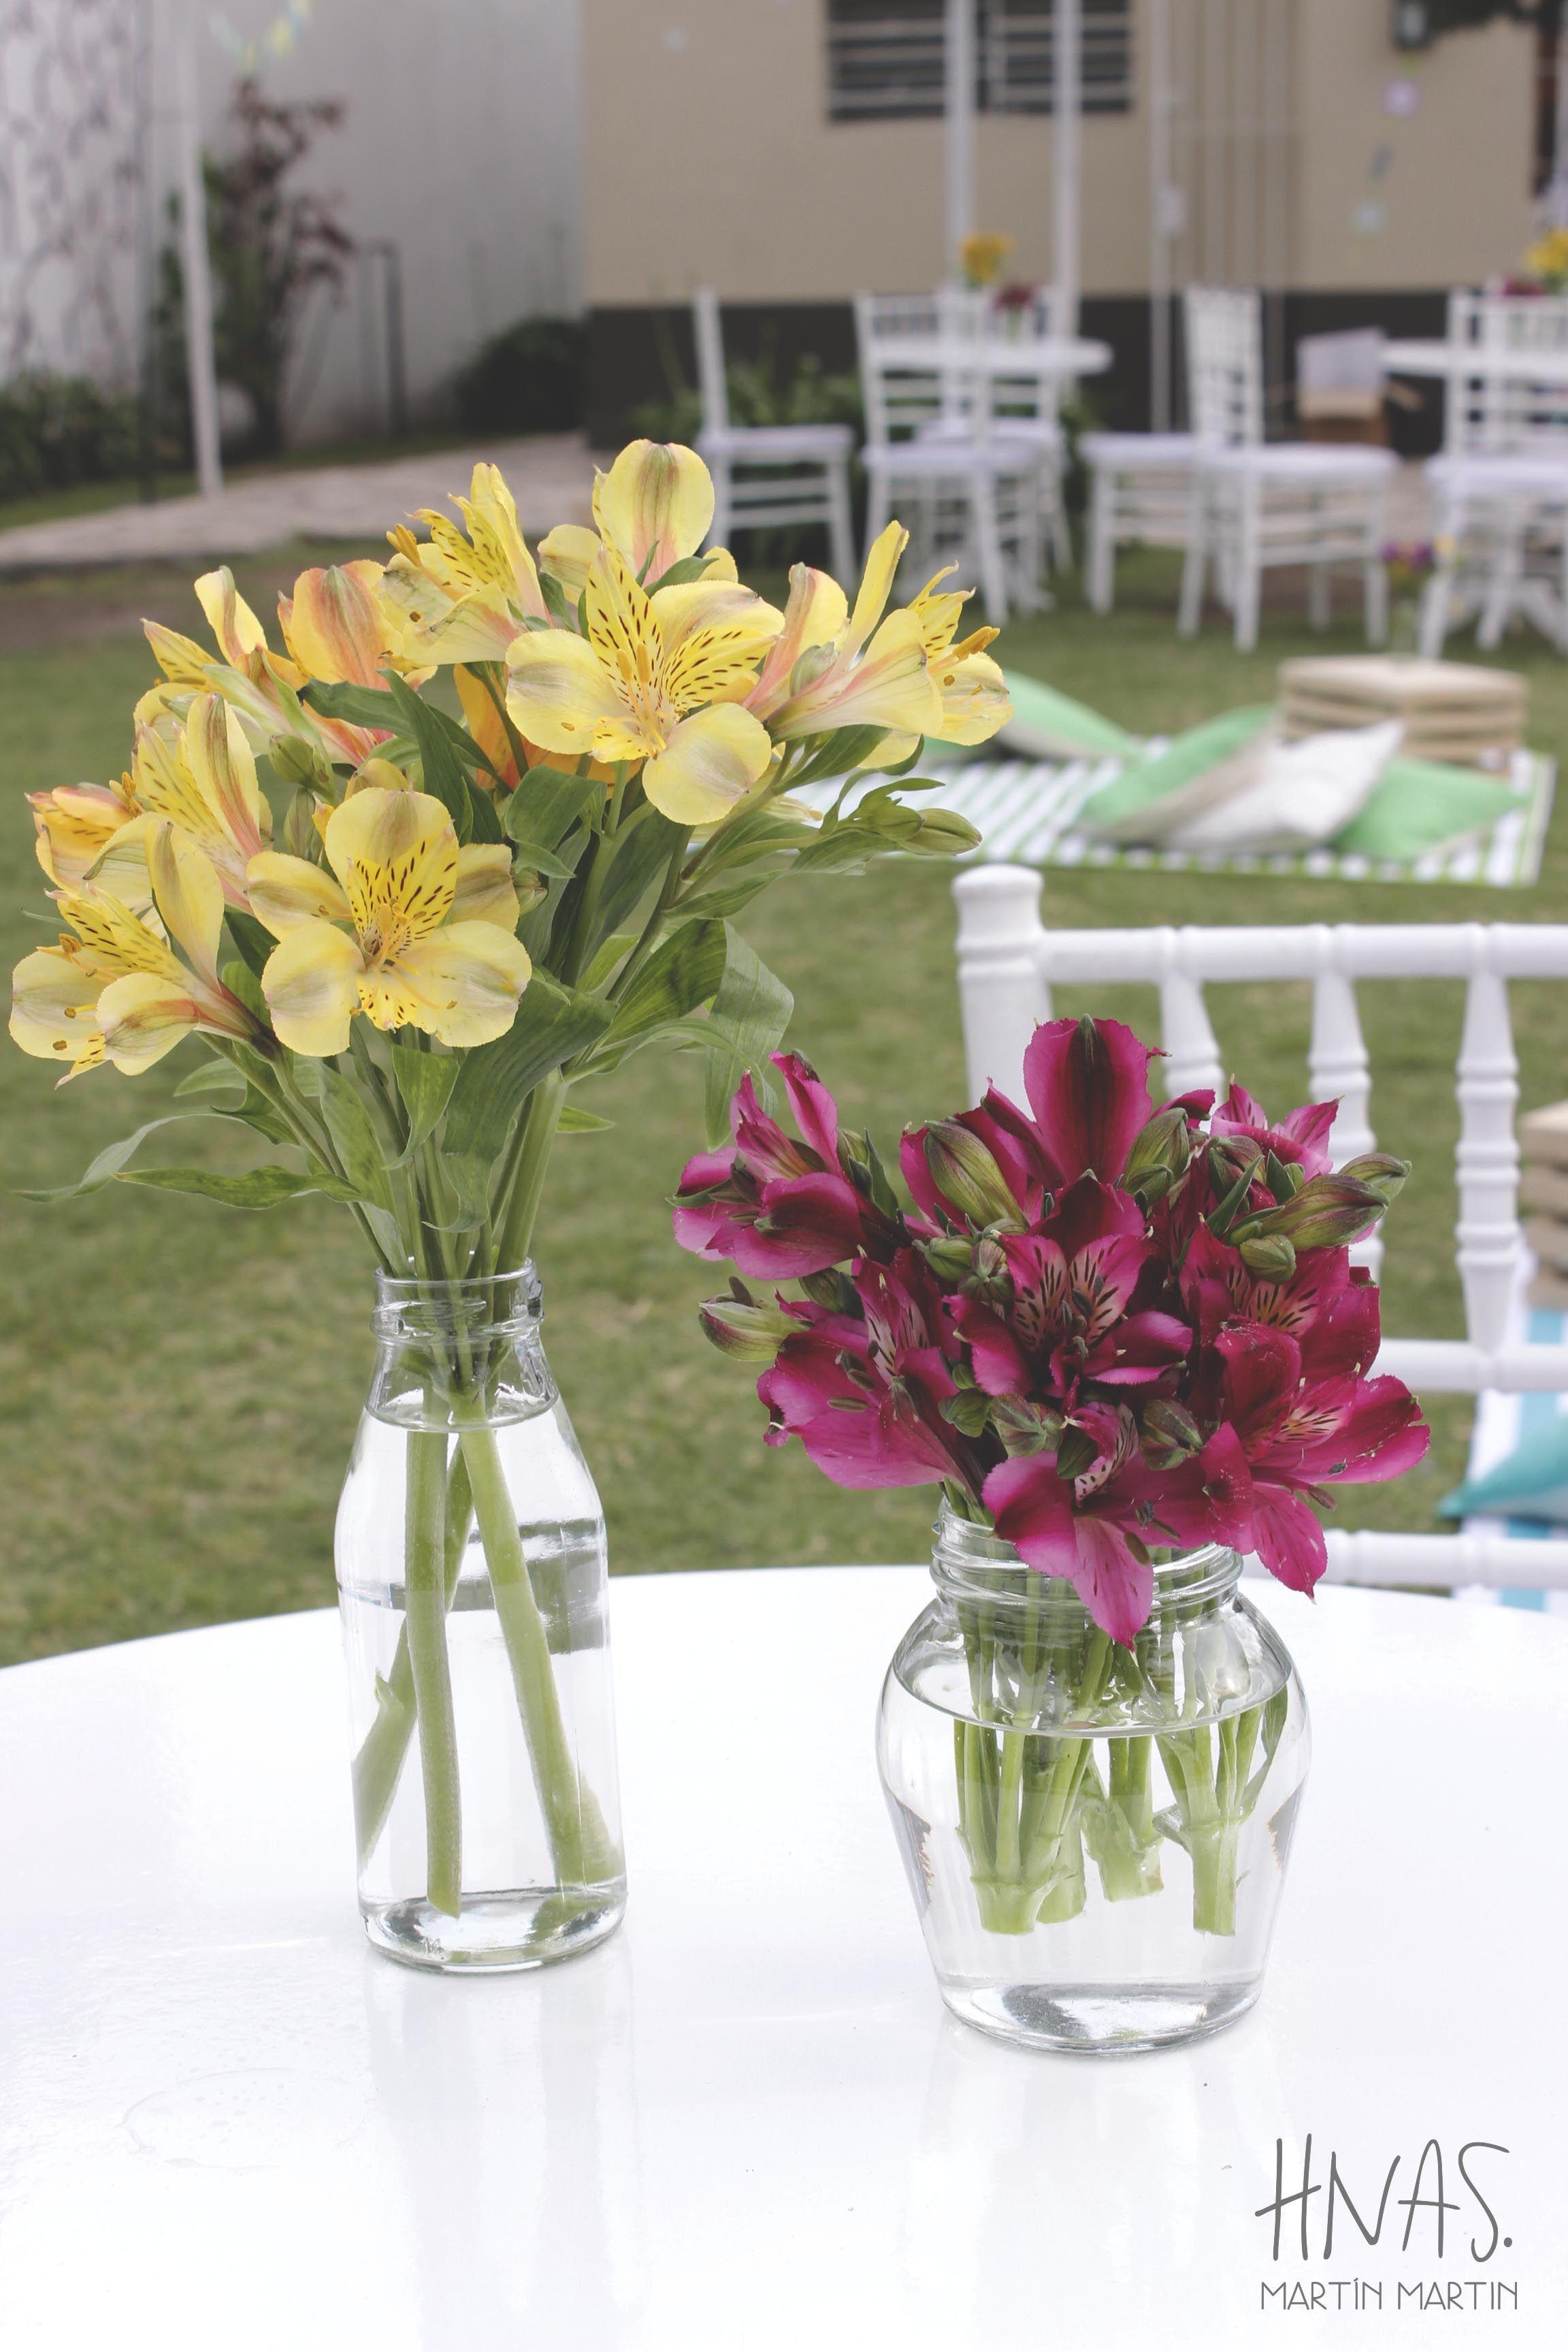 Ambientacin cumpleaos infantil de nena arreglos de flores ambientacin cumpleaos infantil de nena arreglos de flores globos picnic decor izmirmasajfo